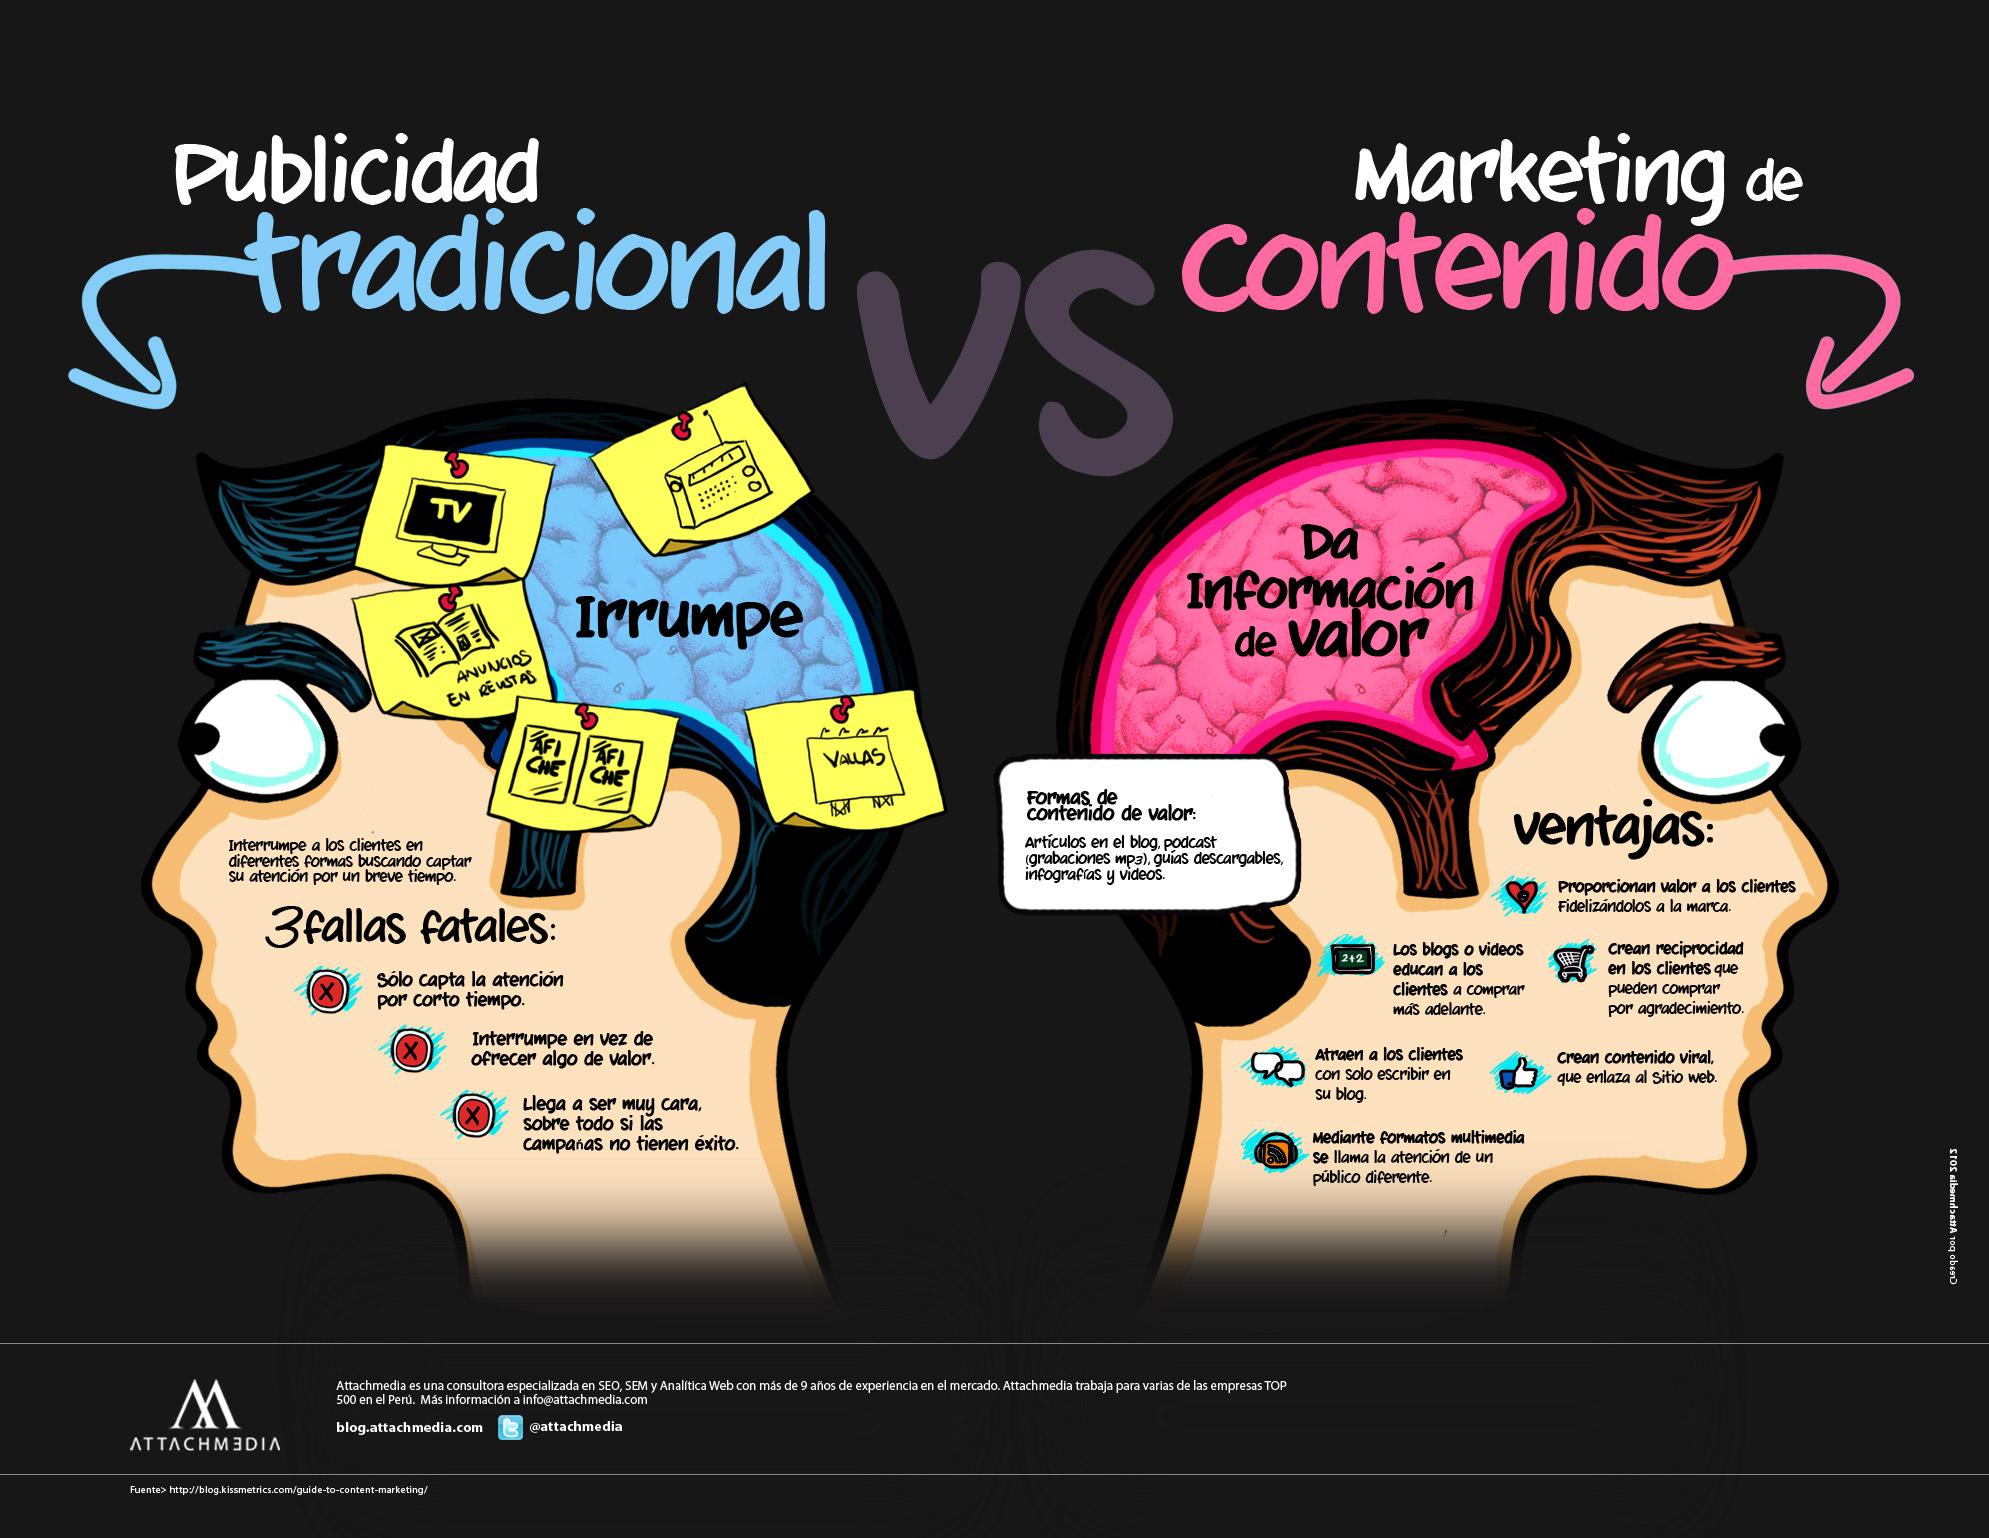 Publicidad-tradicional-vs-marketing-de-contenido